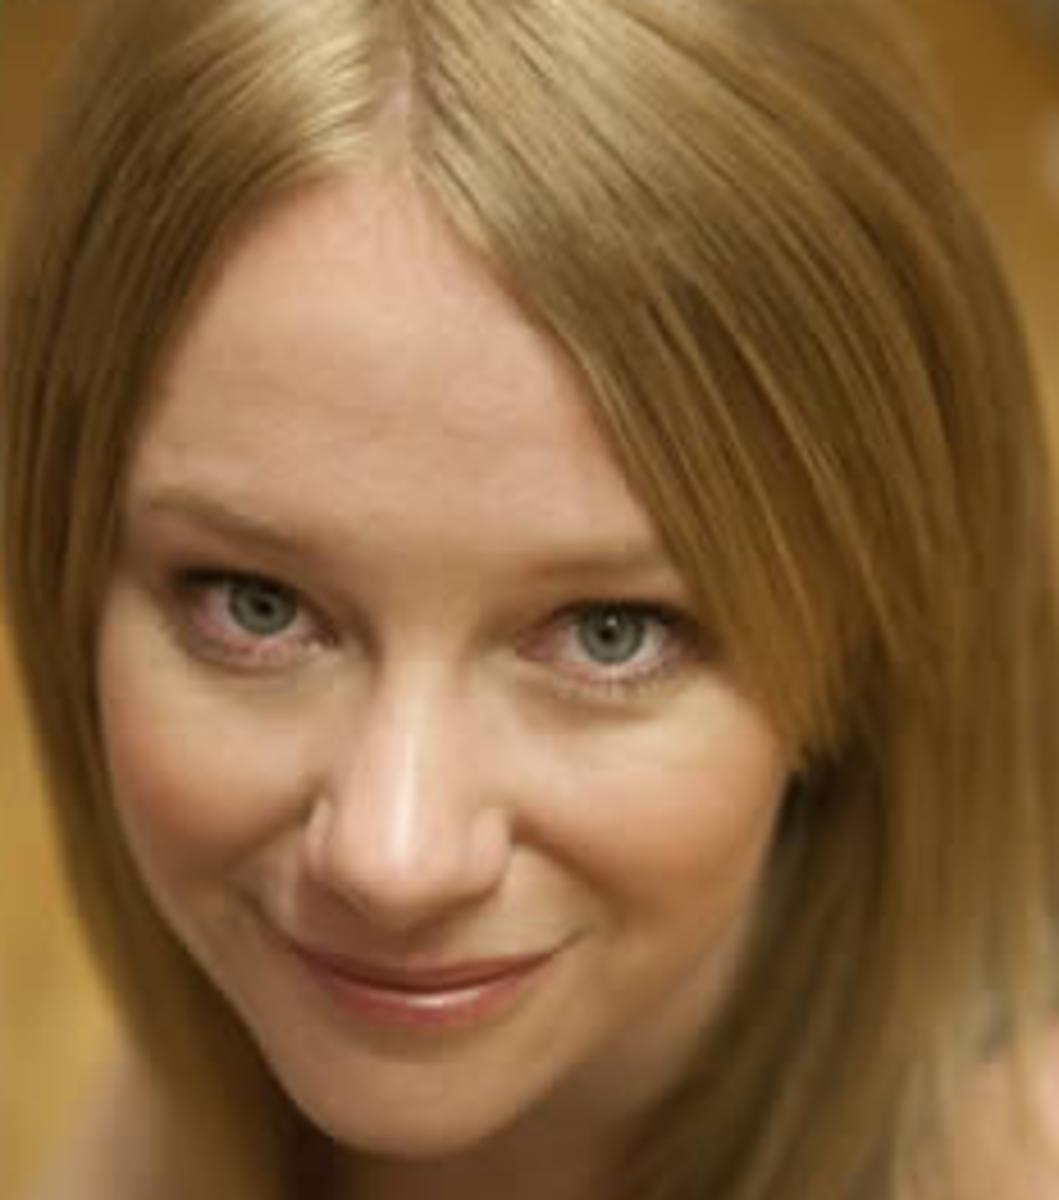 corey-haydu-writer-author